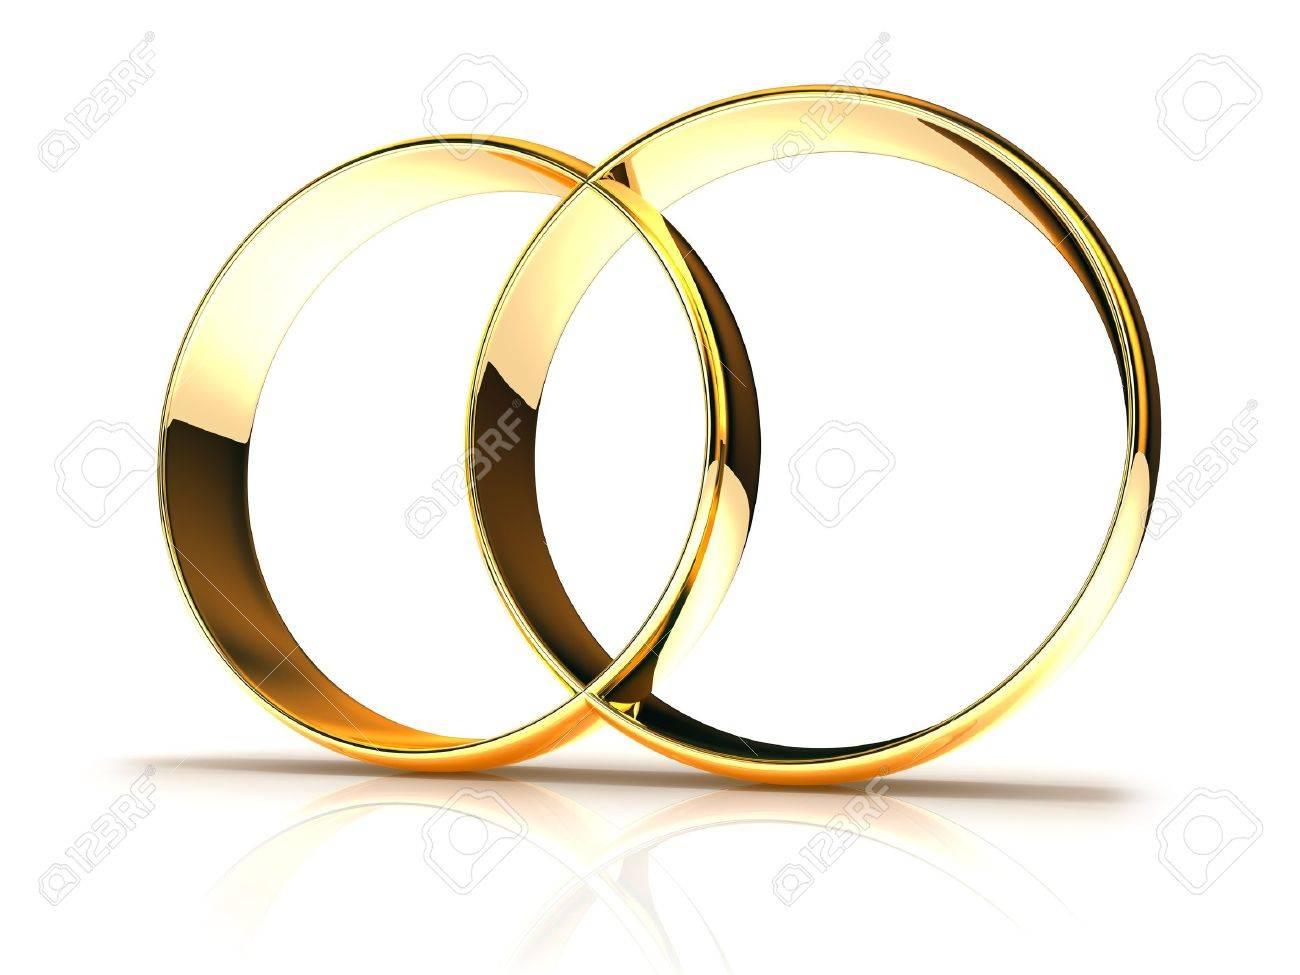 2019 real rechercher le dernier dernière sélection Les anneaux de mariage d'or isolé sur fond blanc